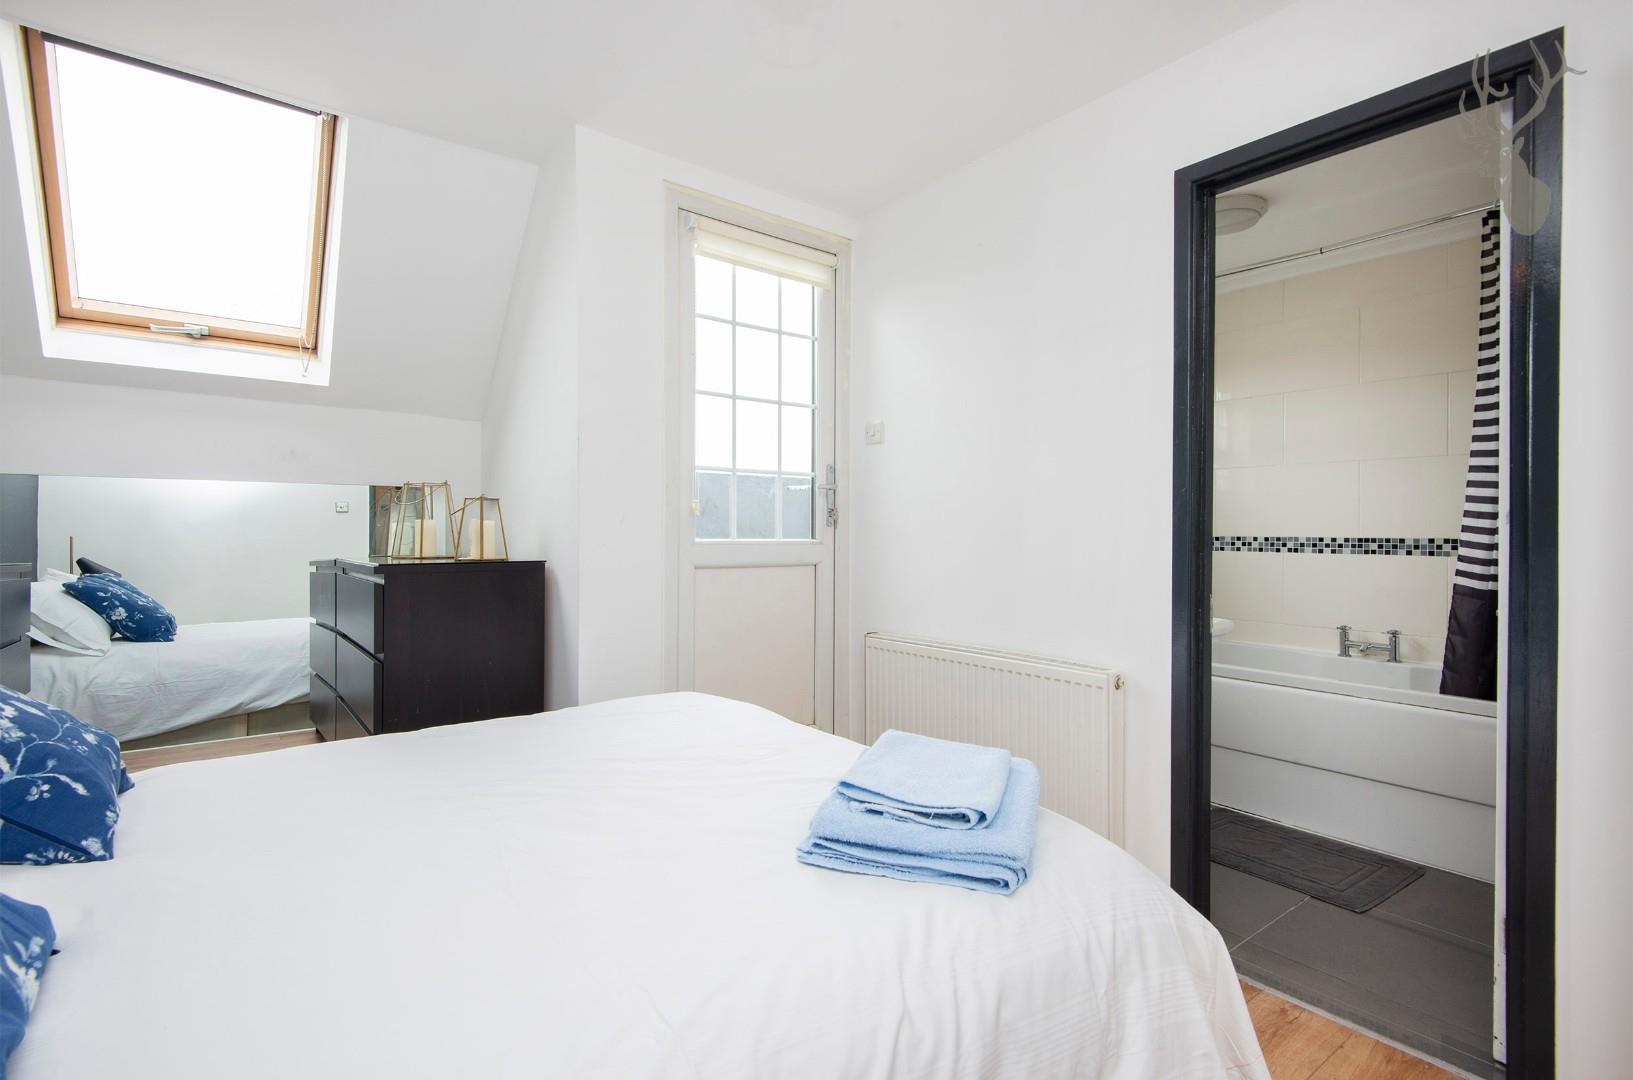 Flat 7, 586 Kingsland Road E8 Bedroom img 2.jpg